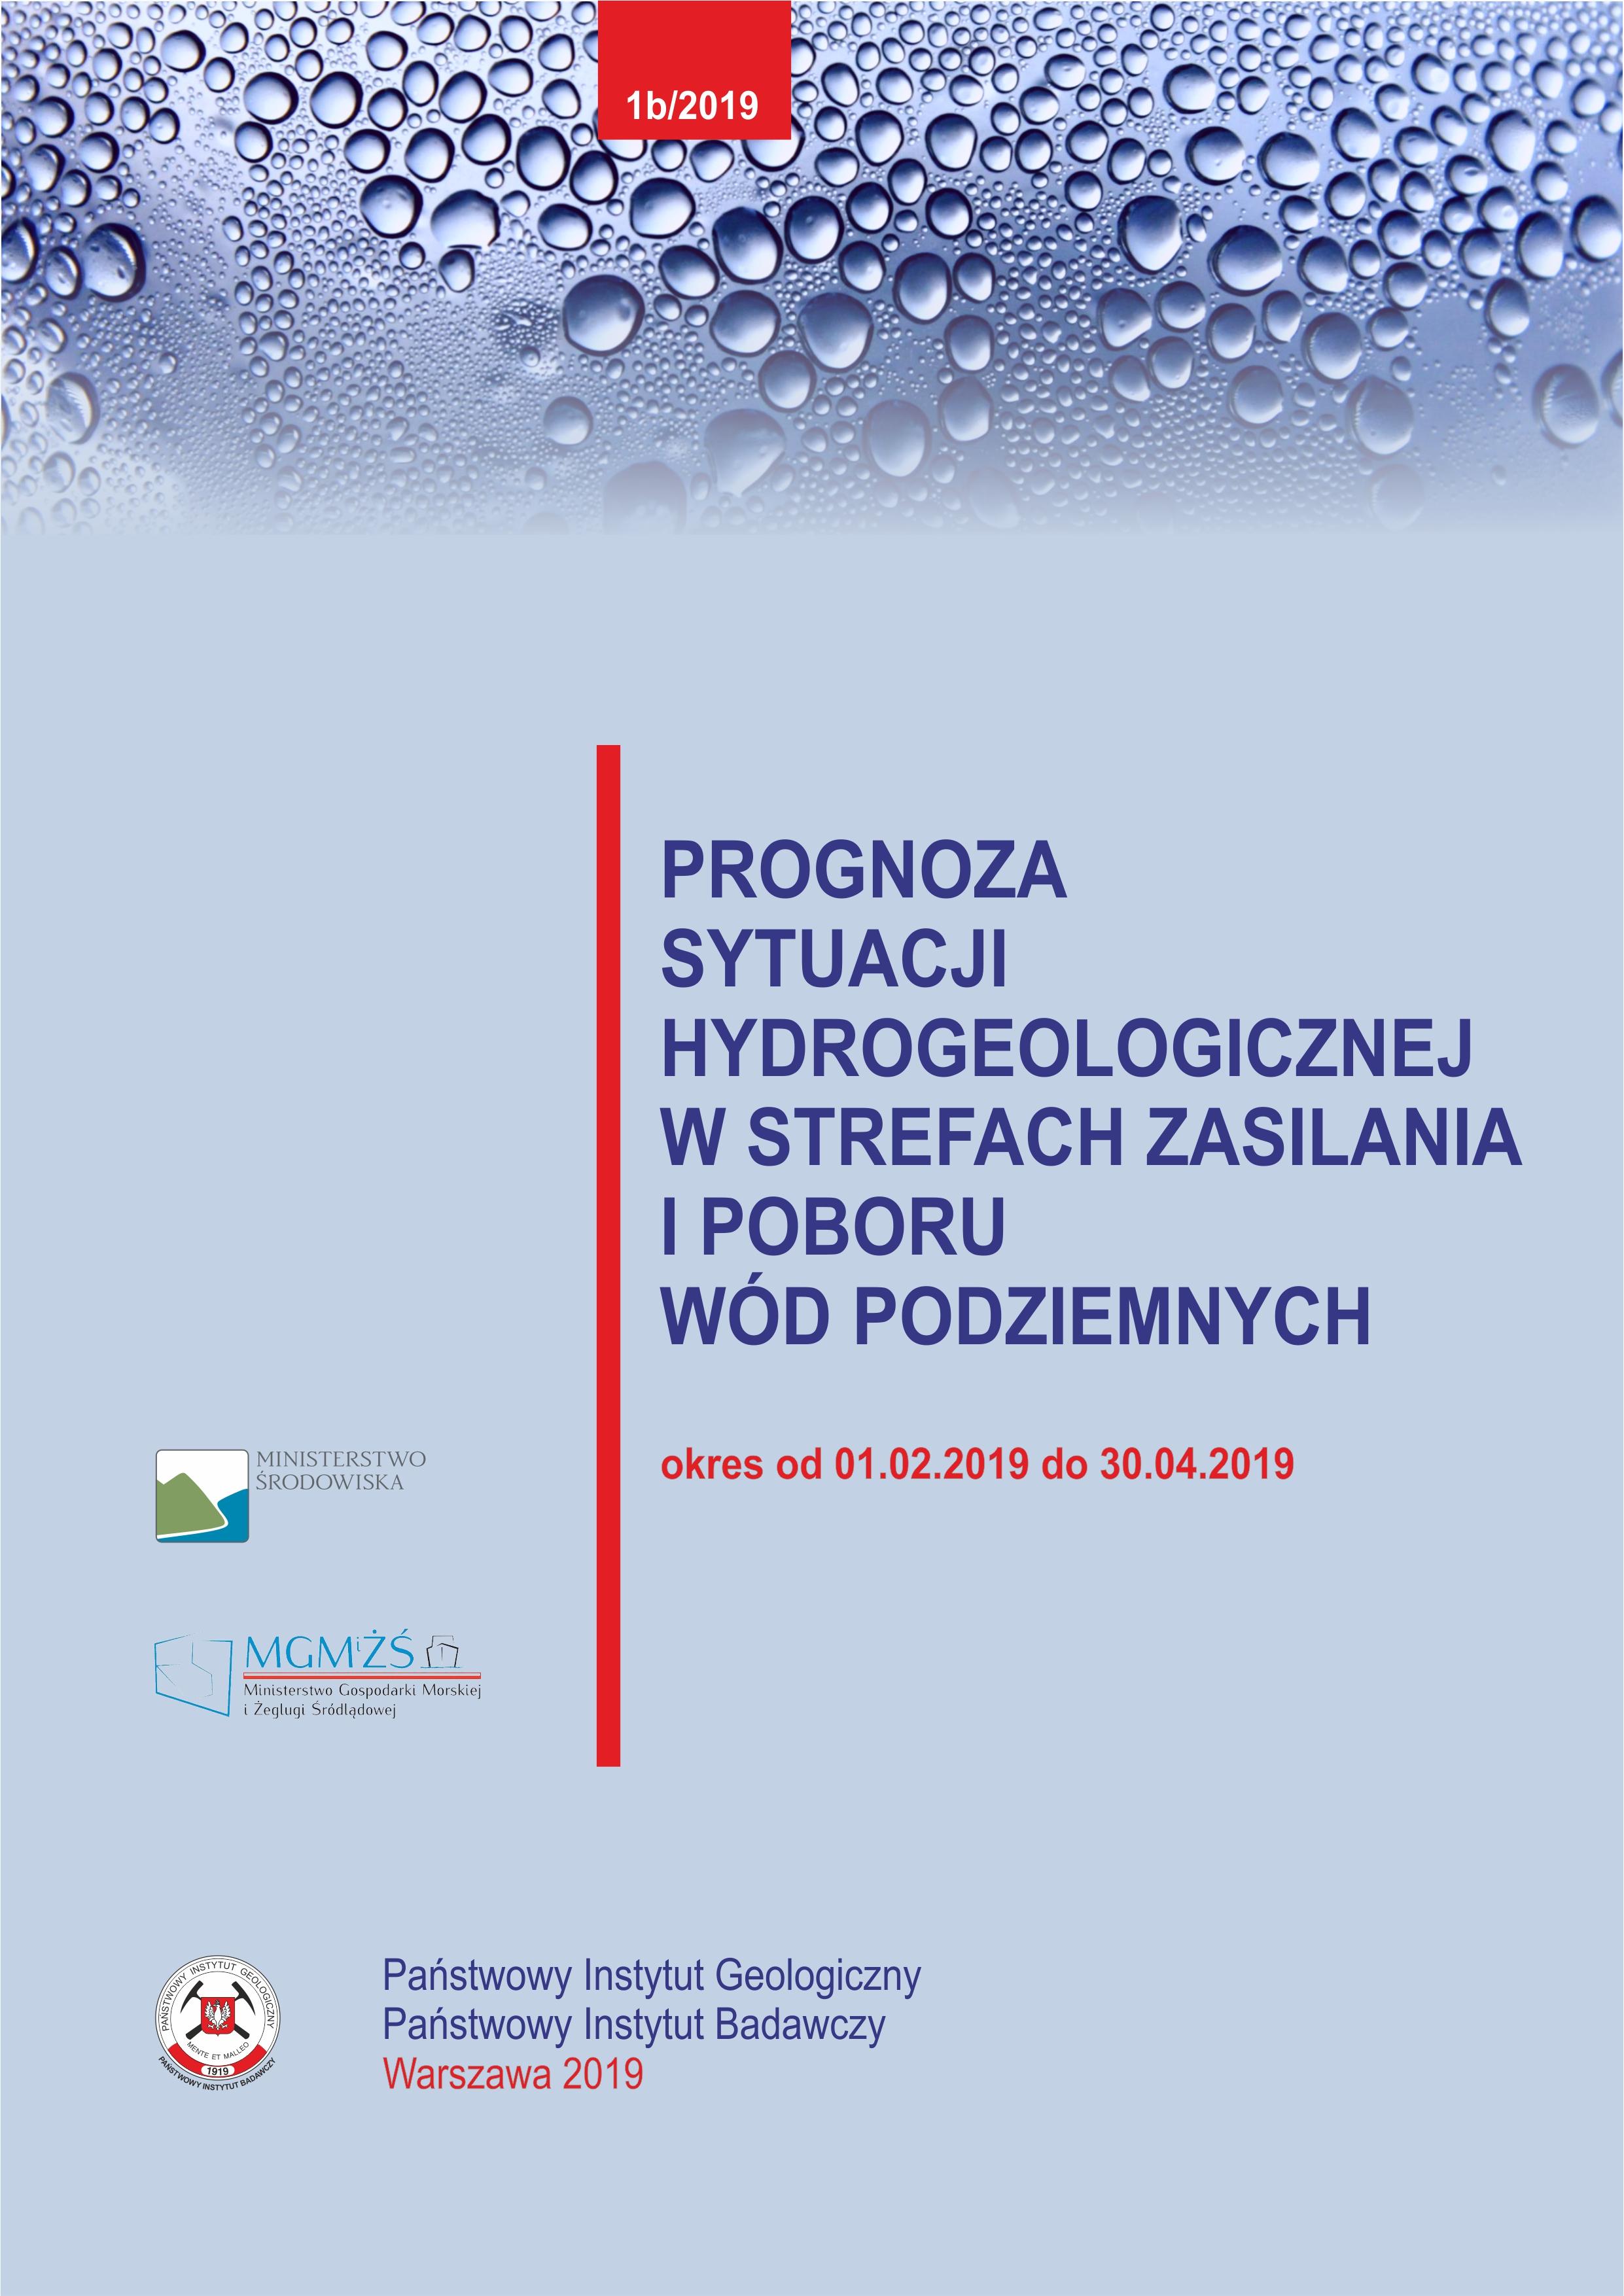 Prognoza sytuacji hydrogeologicznej w strefach zasilania i poboru wód podziemnych 01.02.2019- 30.04.2019